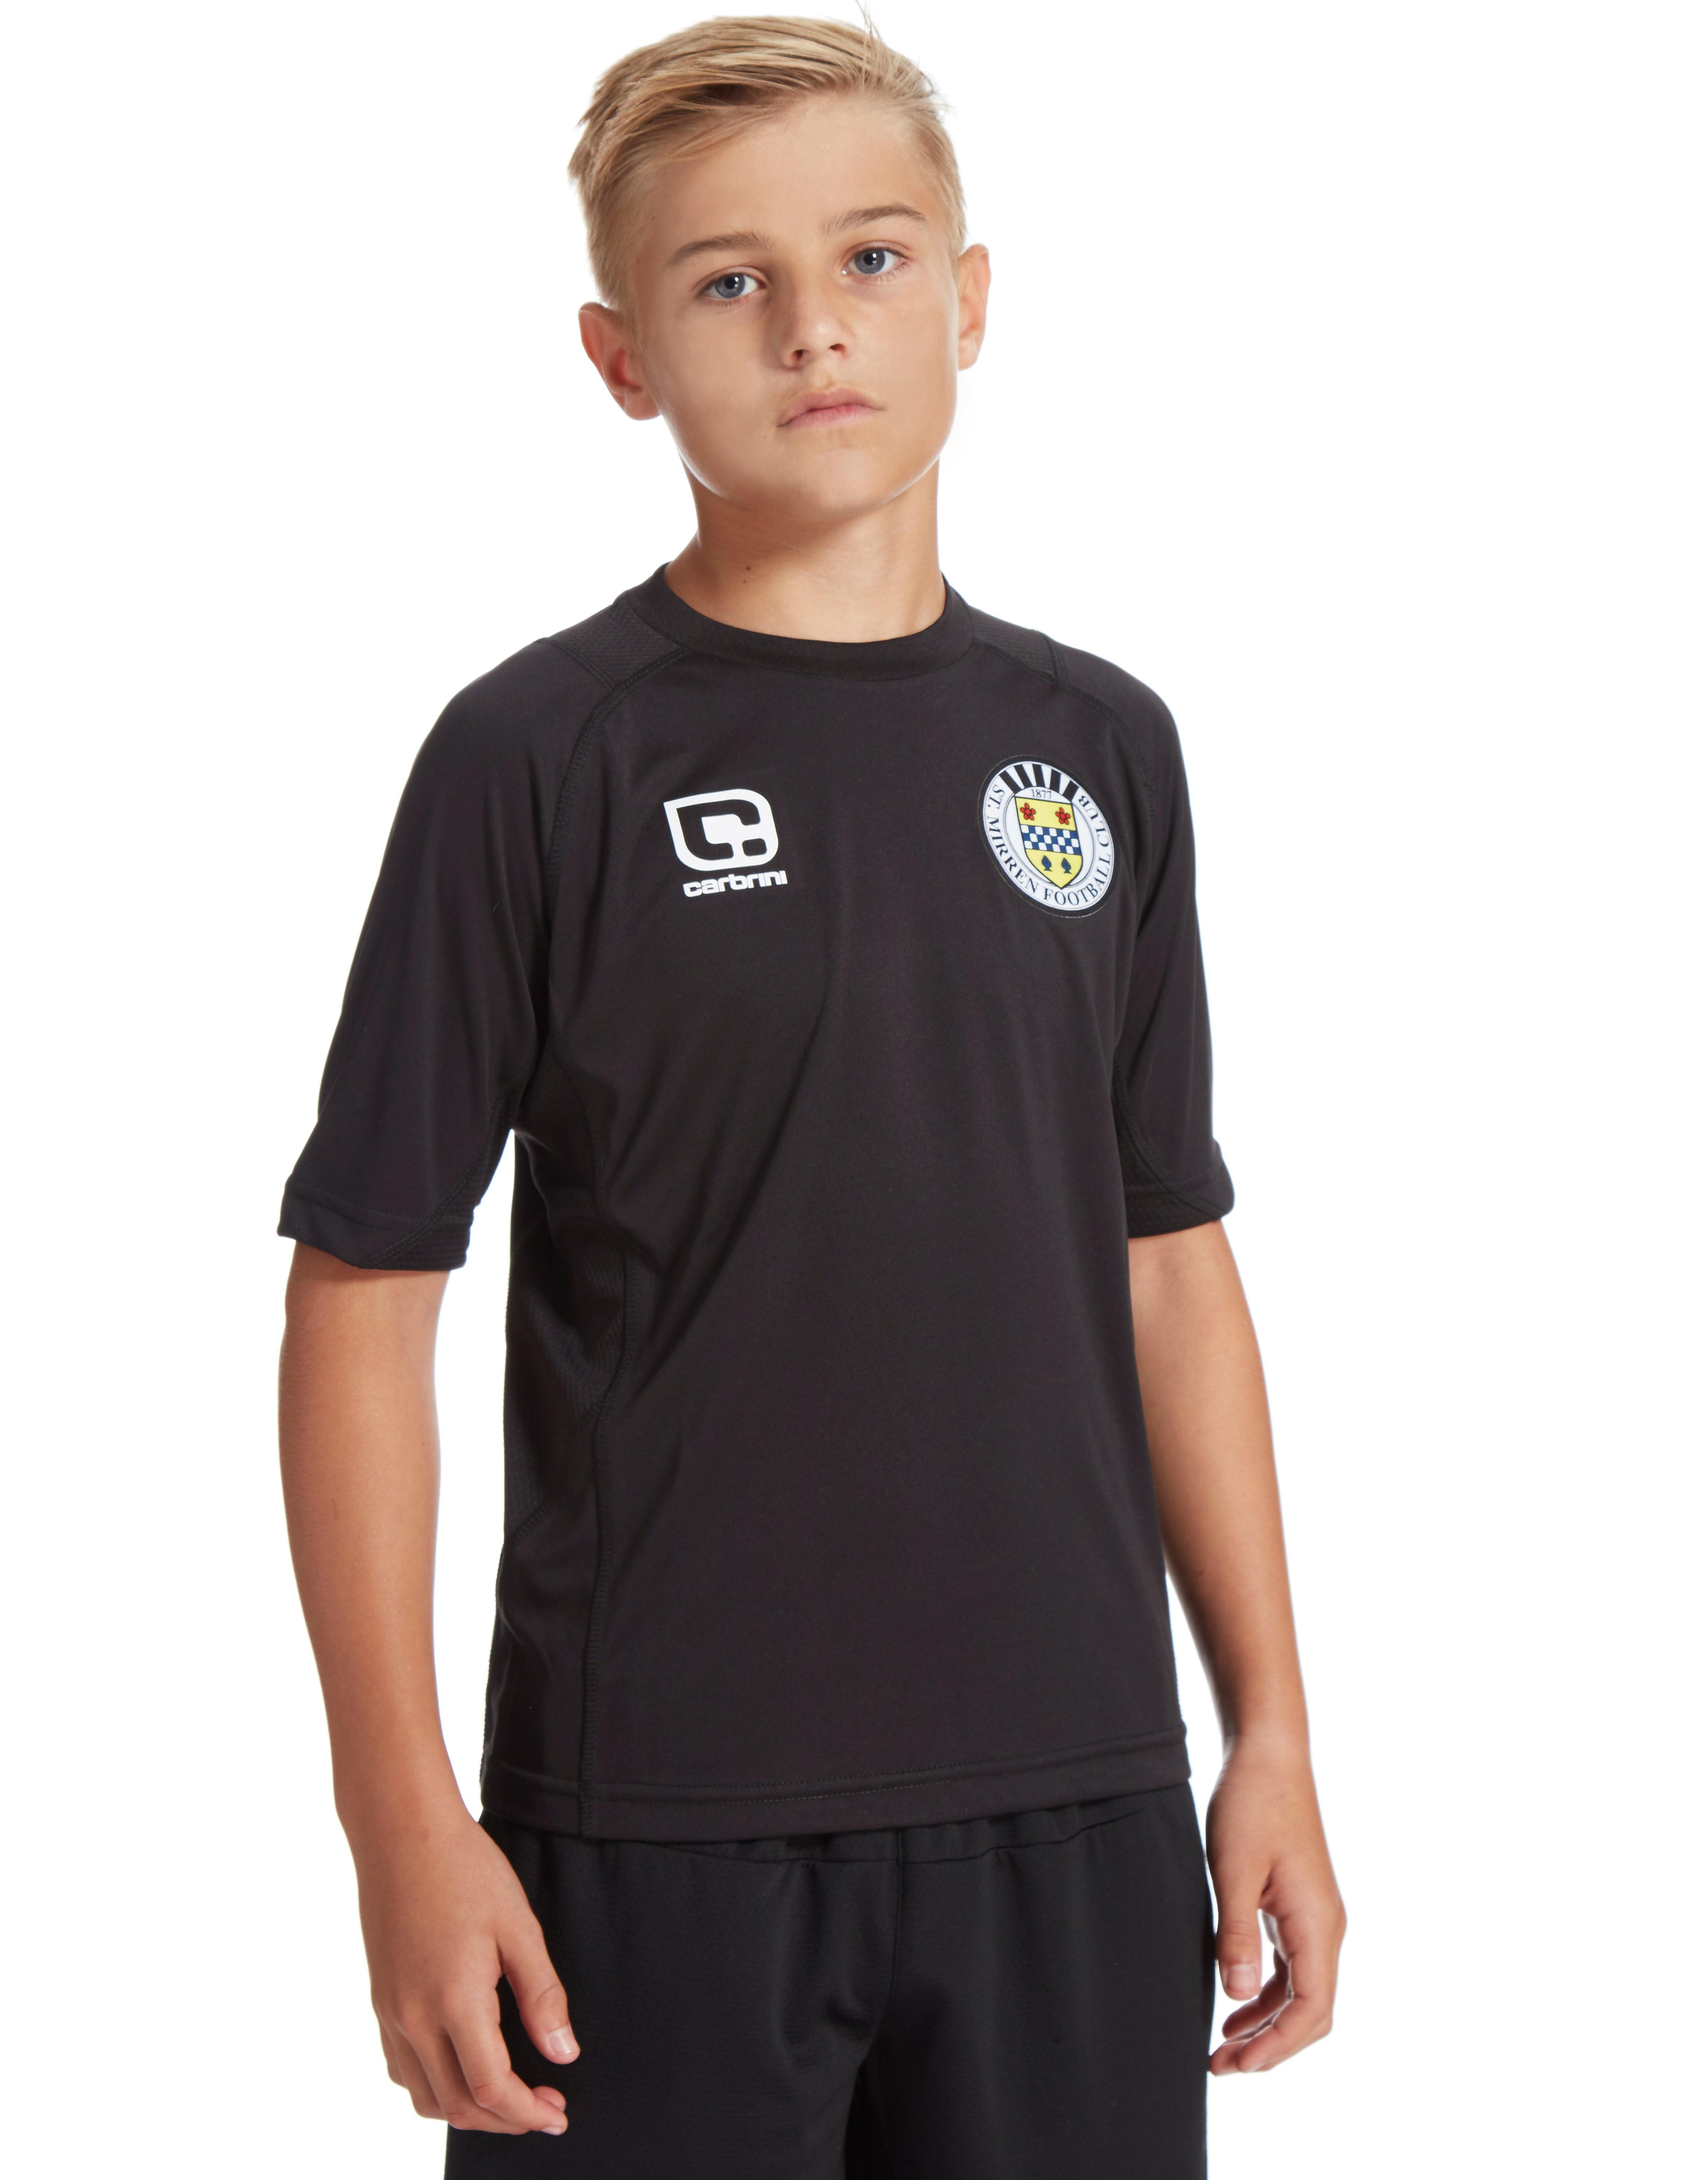 Carbrini St Mirren Training T-Shirt Junior